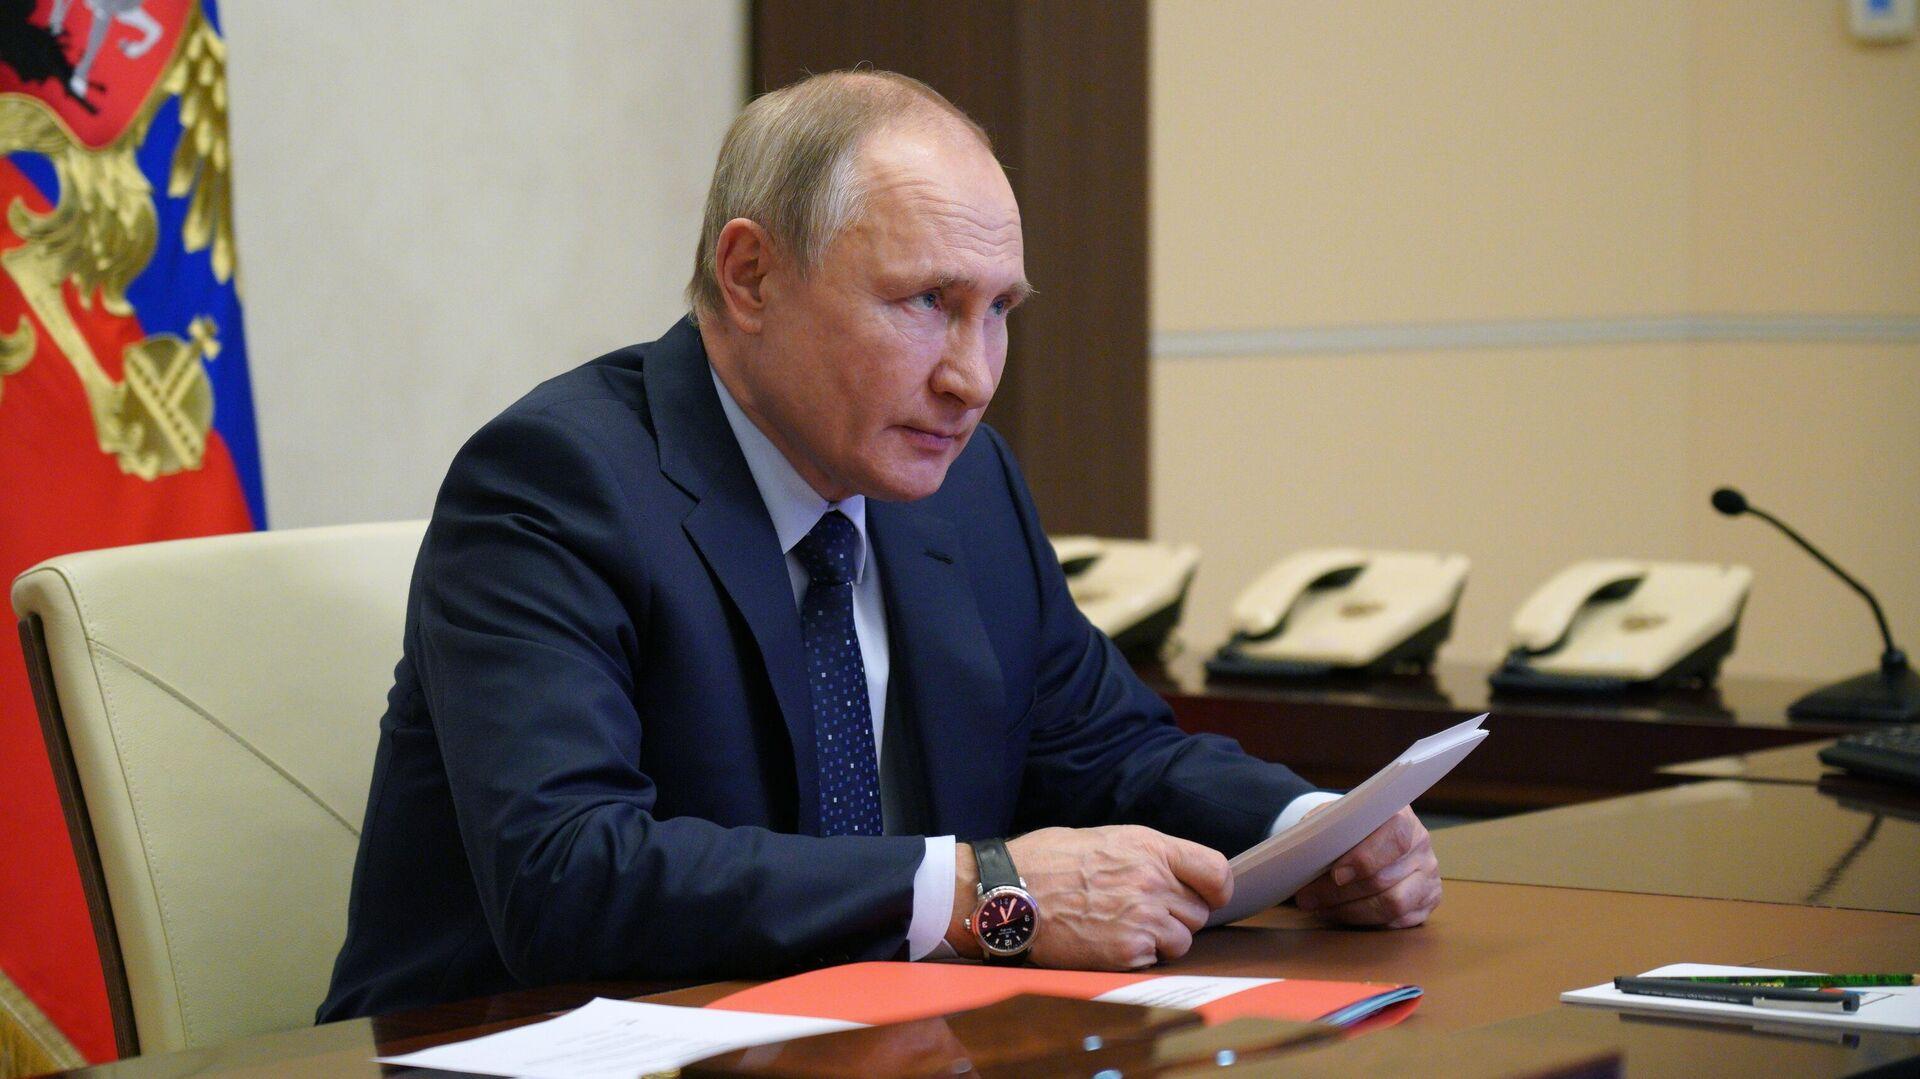 Президент РФ Владимир Путин проводит оперативное совещание с постоянными членами Совета безопасности РФ - РИА Новости, 1920, 07.10.2021